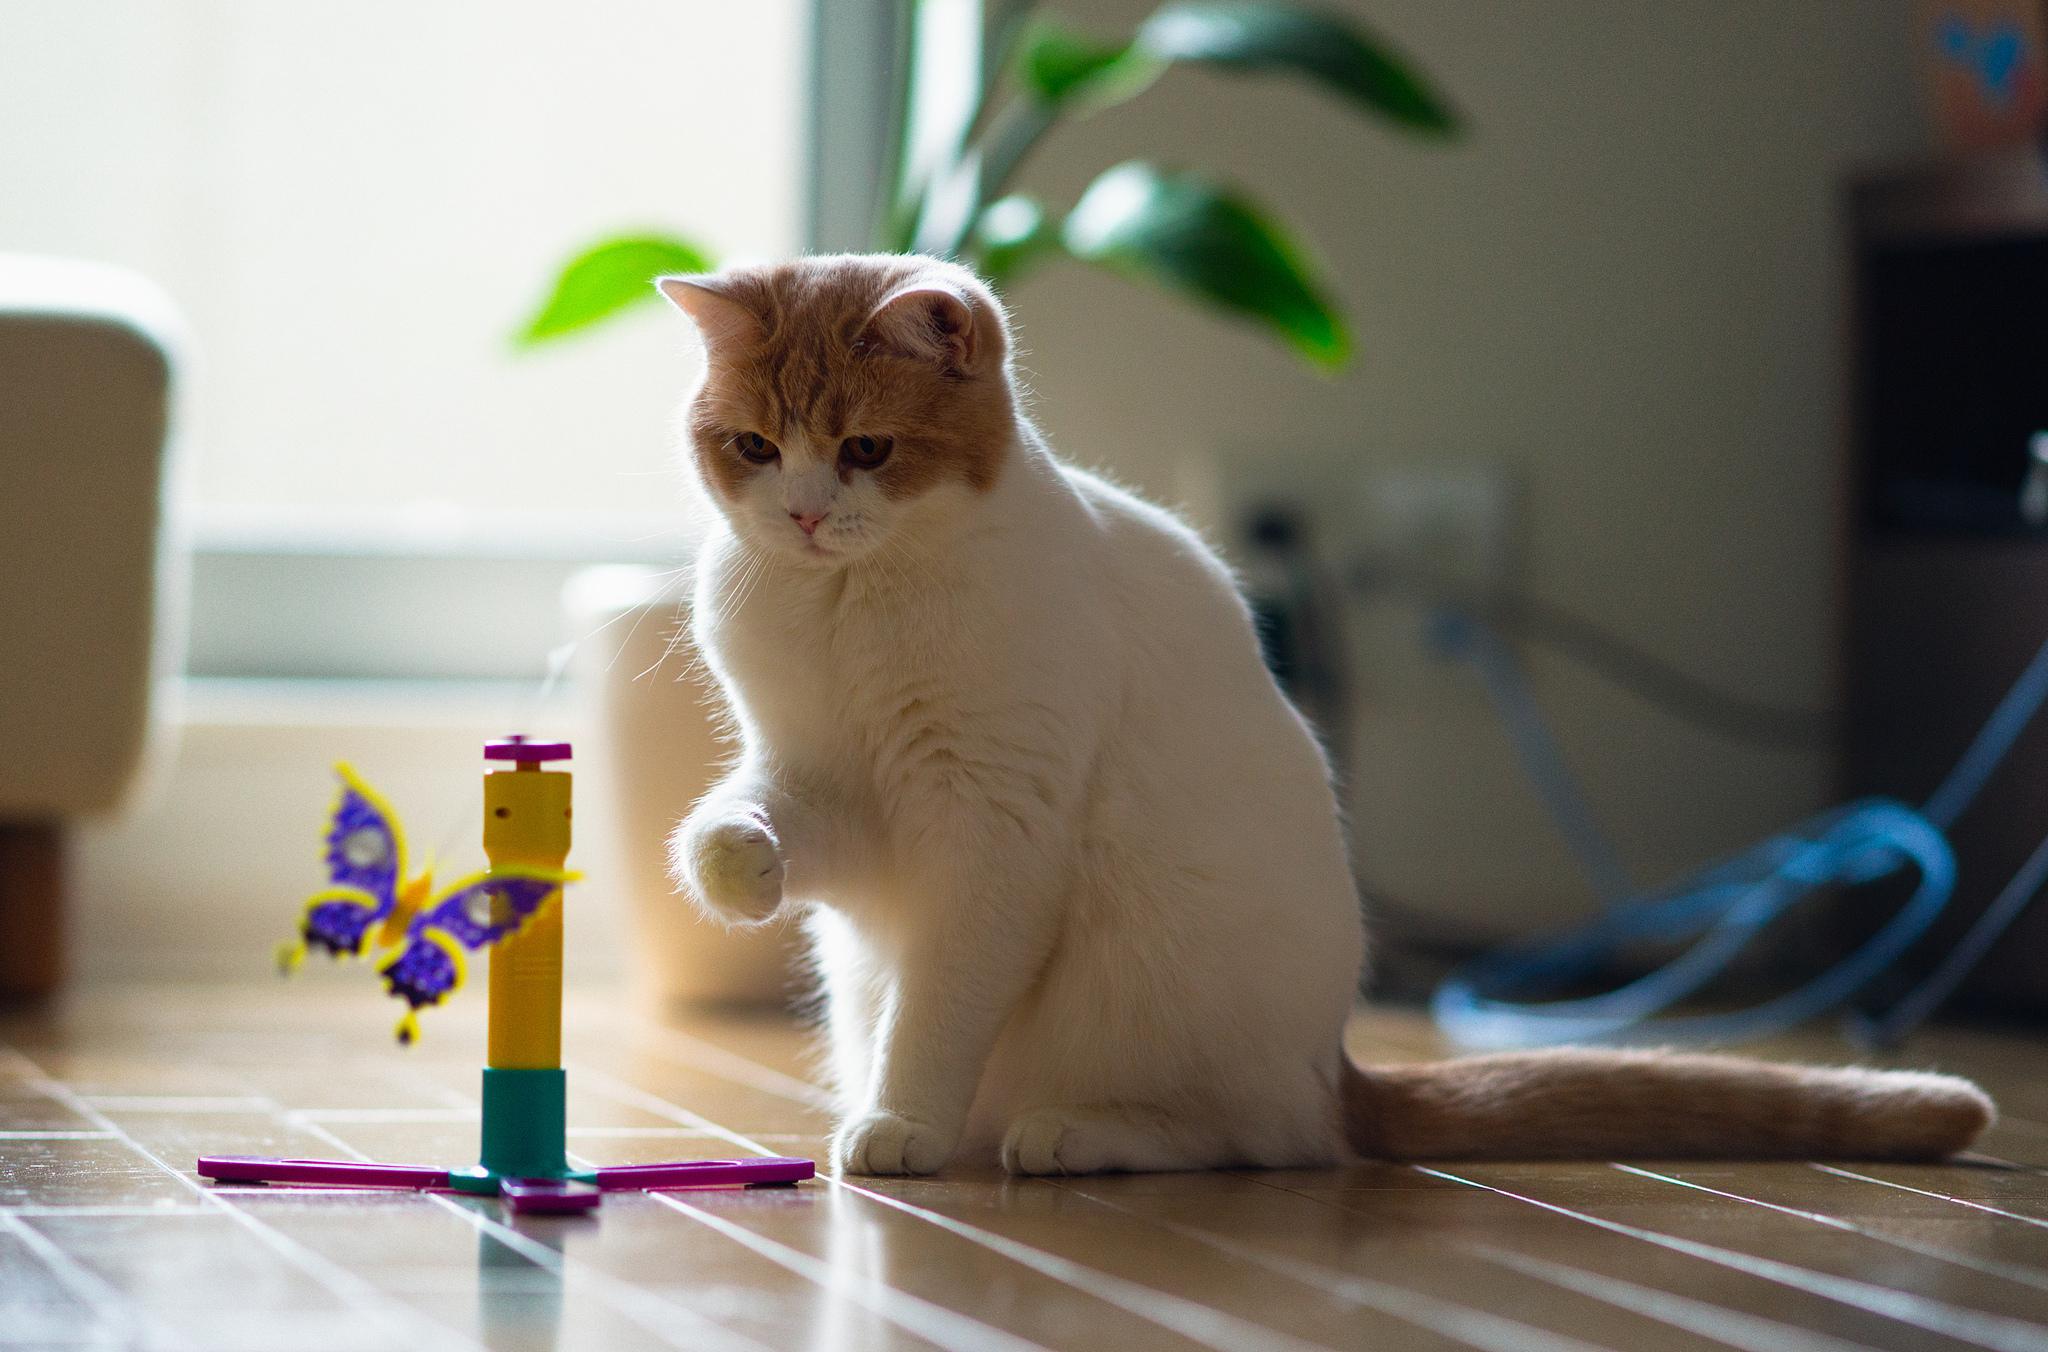 картинки кошек игру общего